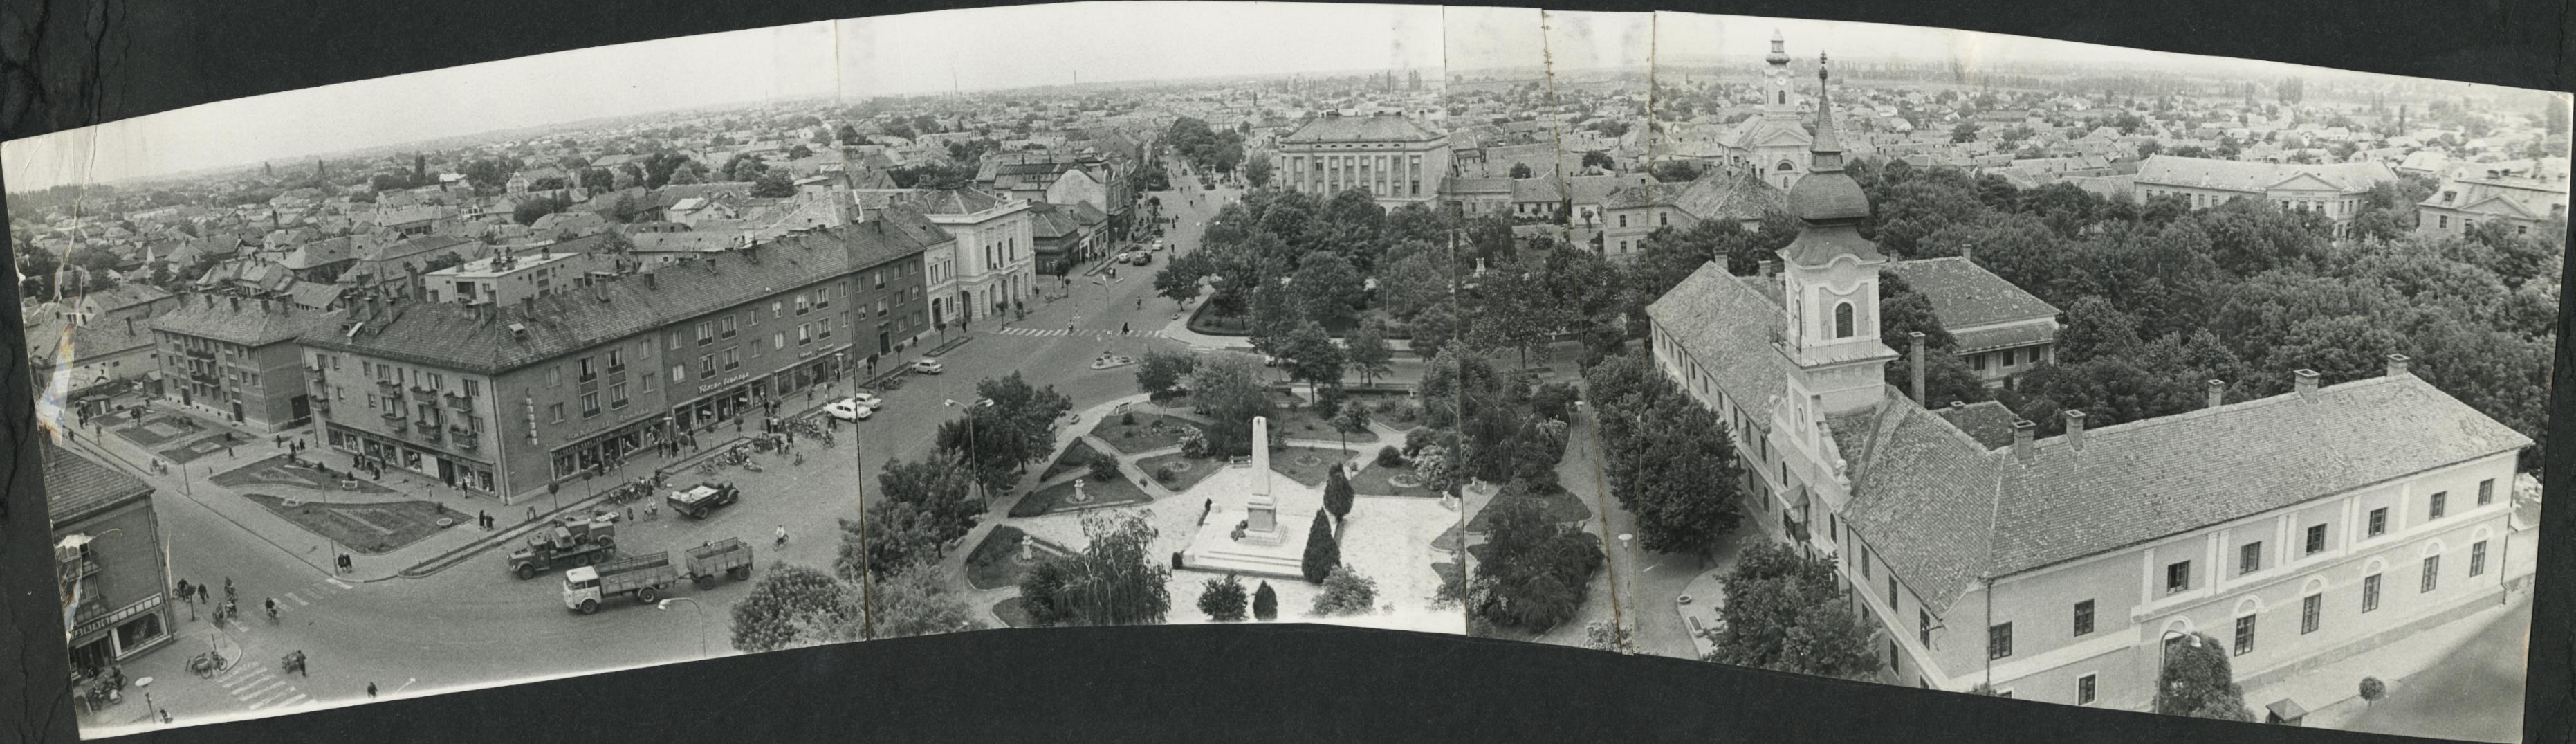 Panorámakép Nagykőrösről, a református templom tornyából